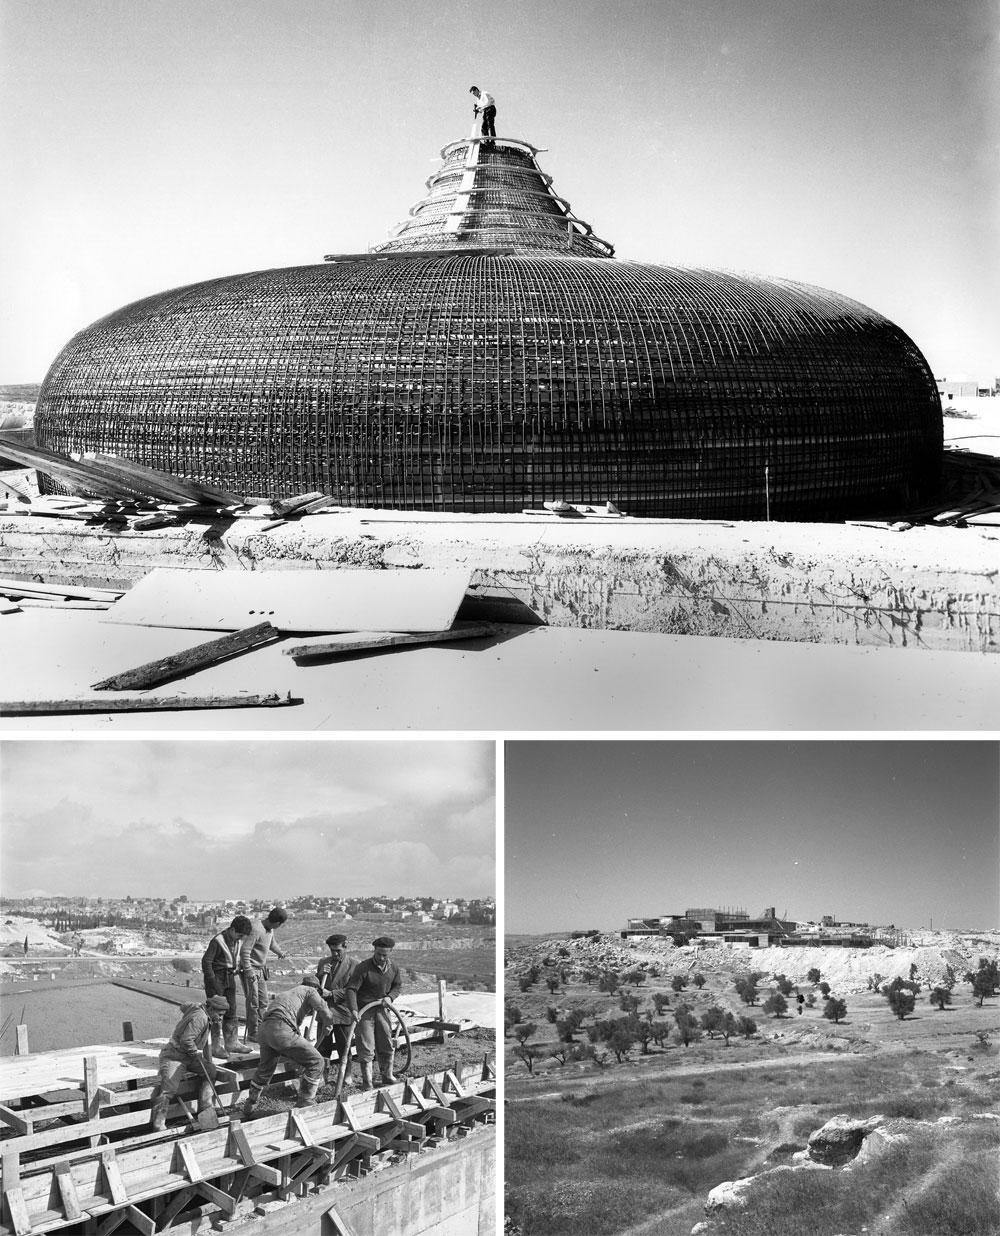 ההקמה. ב-1957 החלה היוזמה, ובעזרת גיוס תורמים יהודים ומימון נדיב מארצות הברית, הושלם הפרויקט השאפתני ב-1965 (באדיבות מוזיאון ישראל, ירושלים)